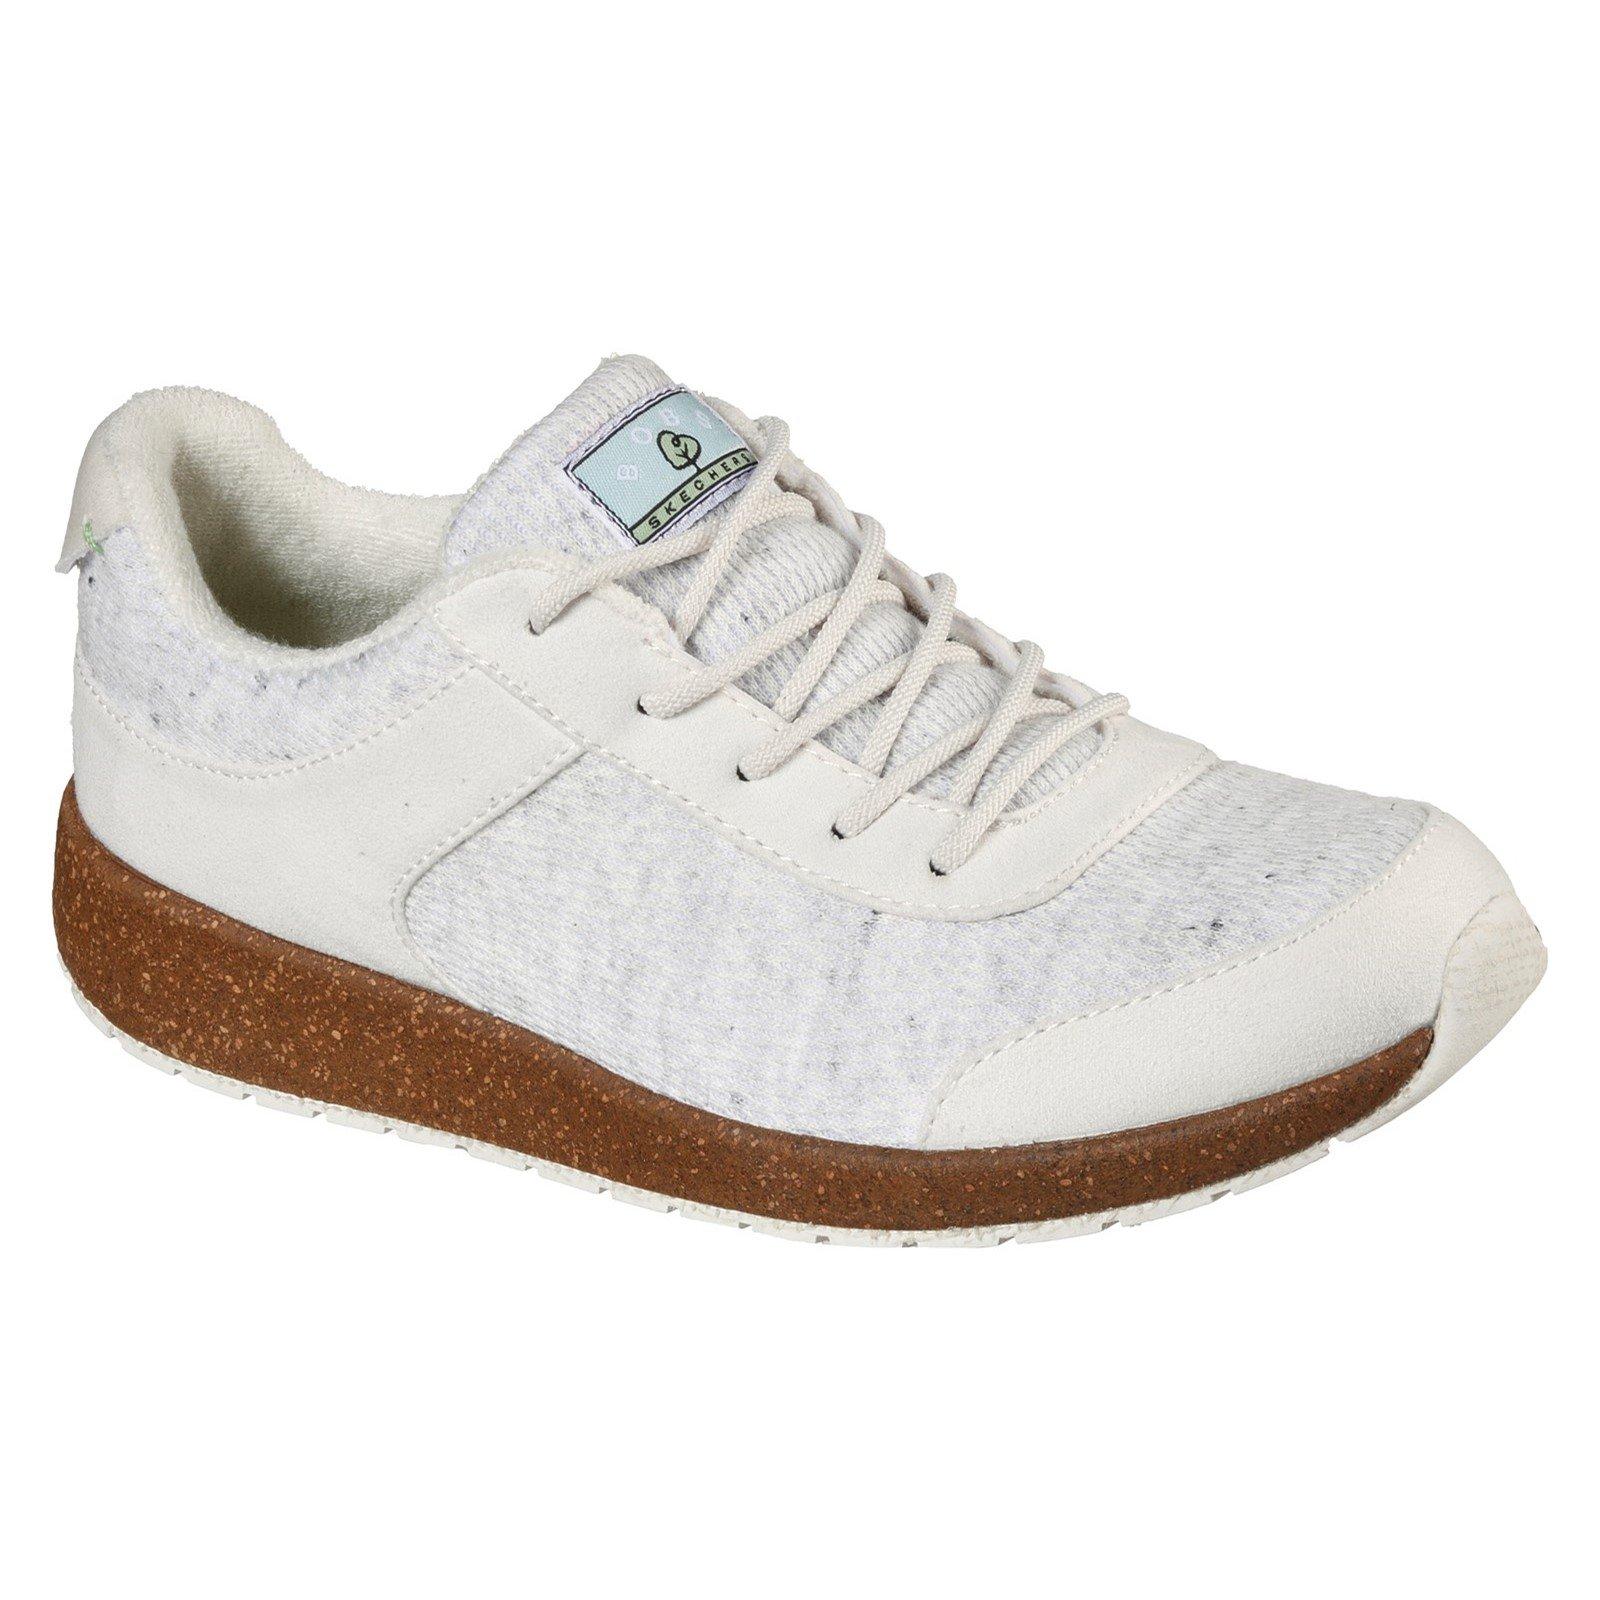 Skechers Women's Bobs Earth New Love Trainer White 32134 - Off White 6